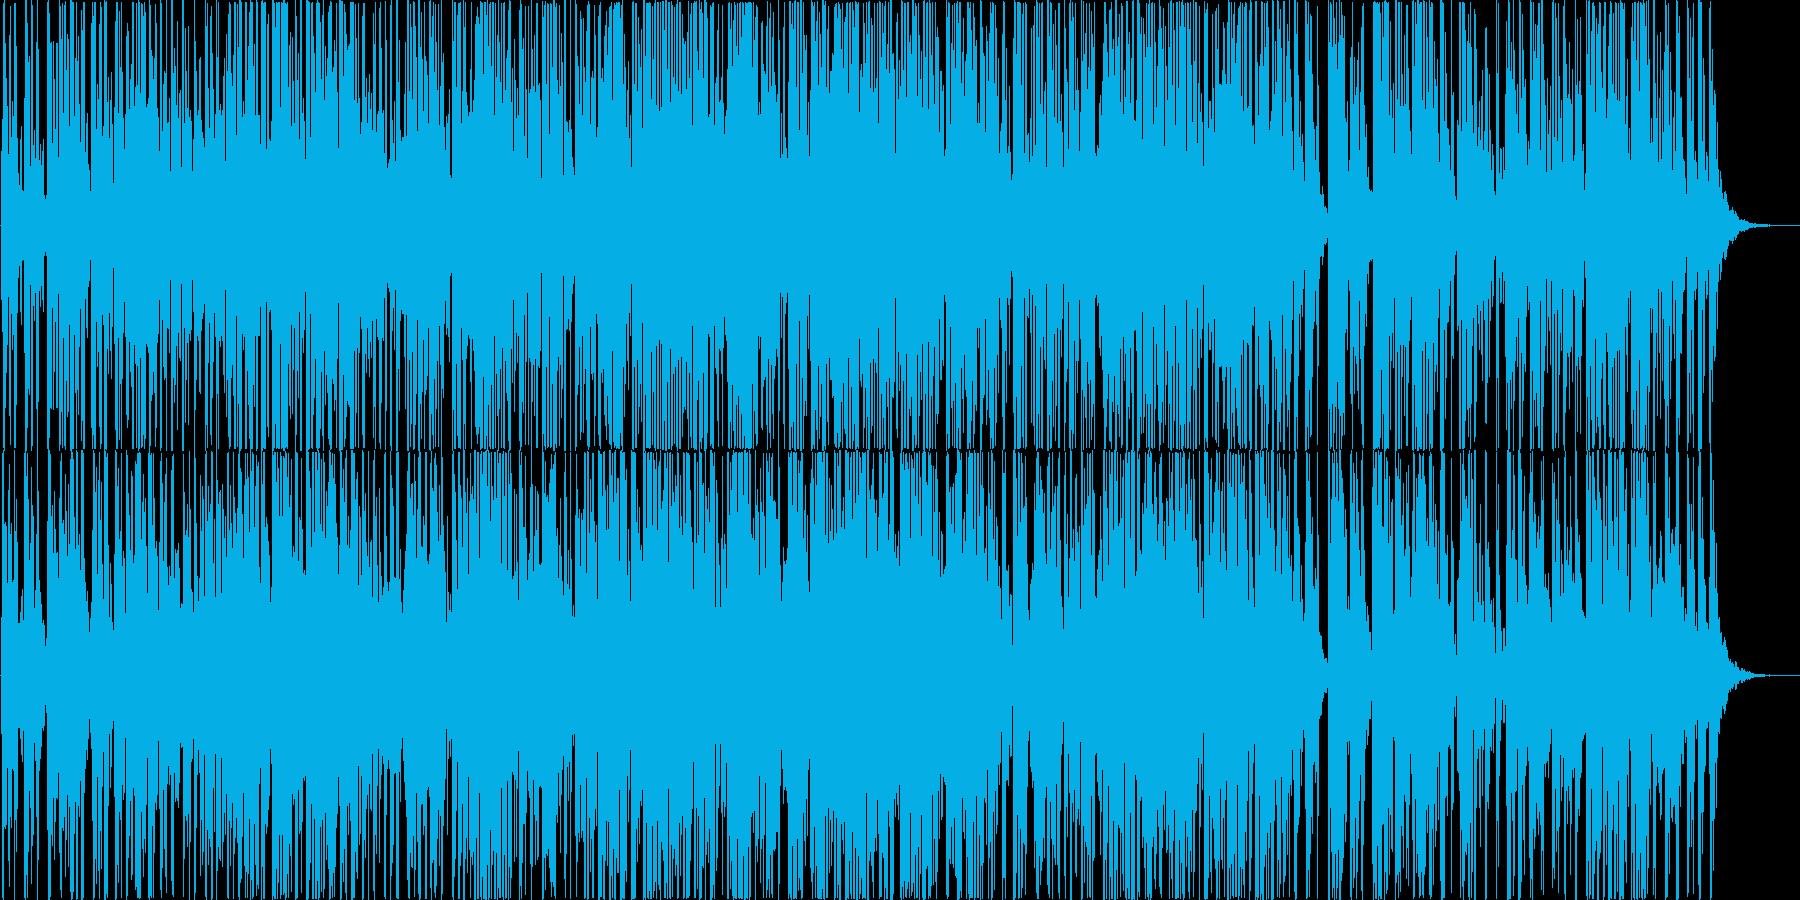 オルゴールの可愛いポップな曲。結婚式等にの再生済みの波形